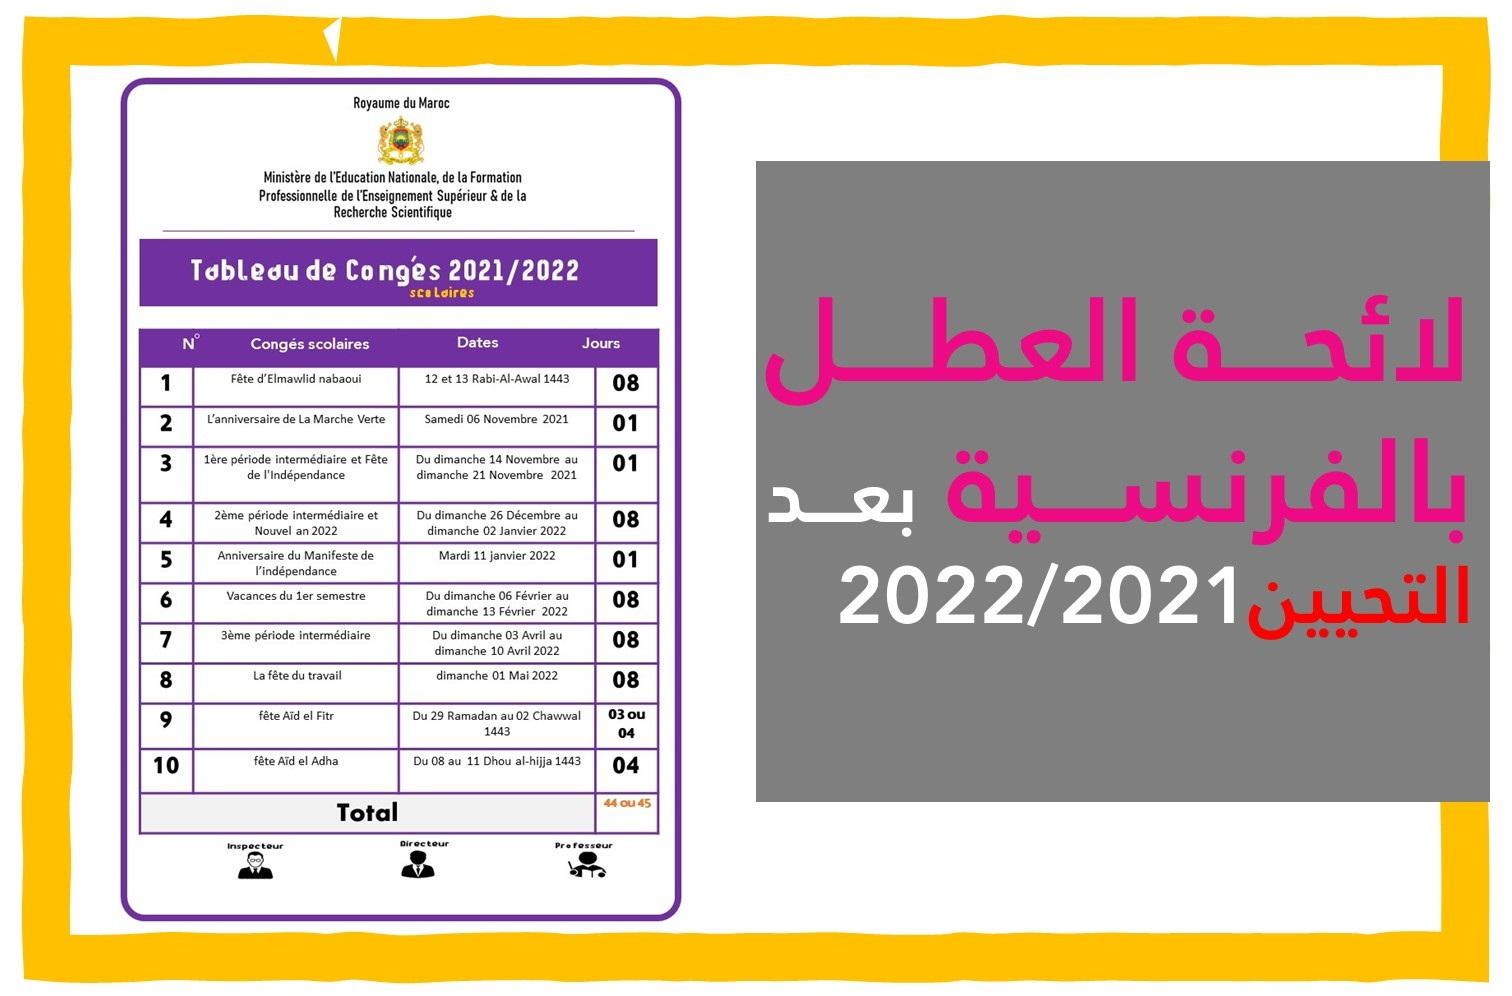 لائحة العطل المدرسية بالفرنسية بعد التحيين 2021/2022